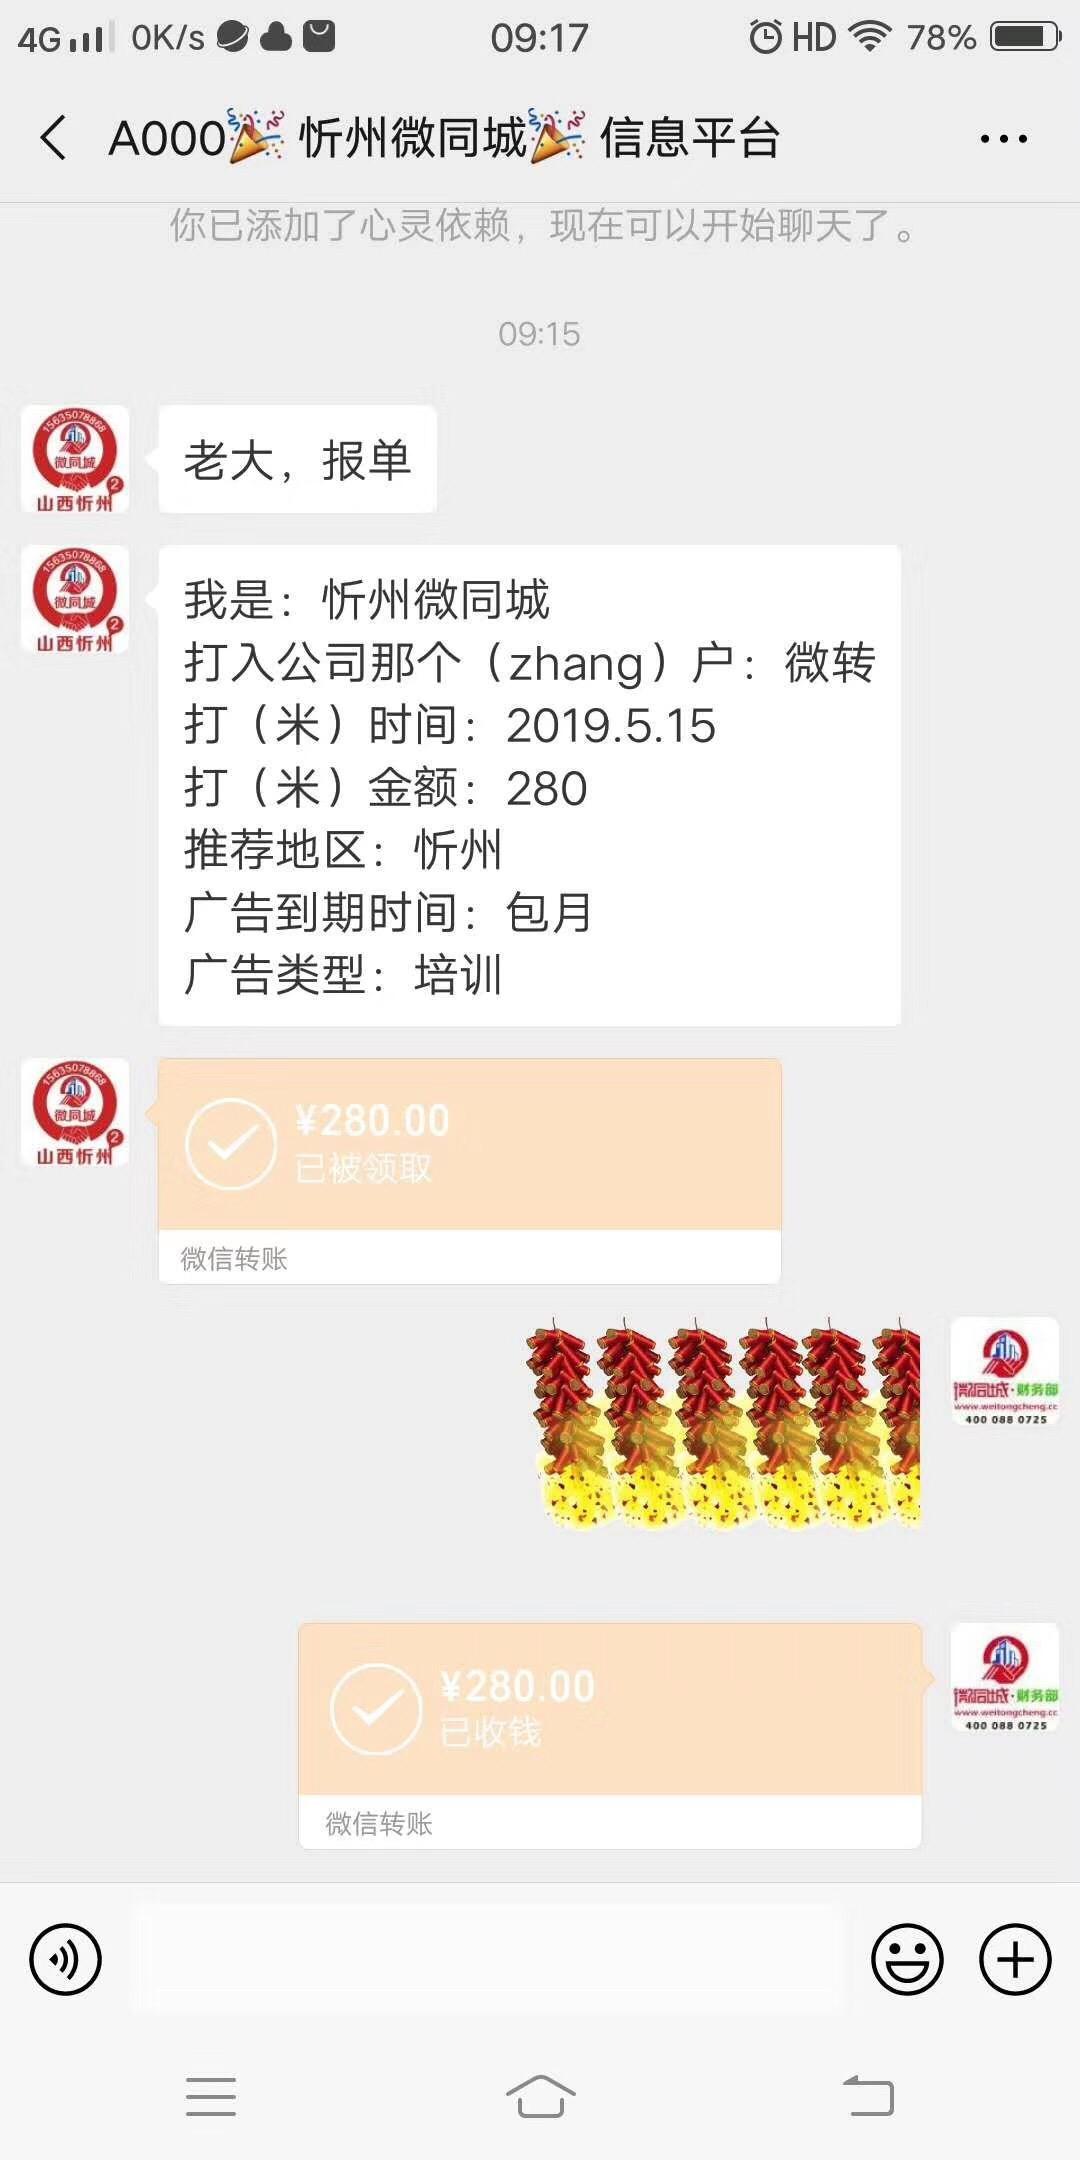 【培训包月推广】祝贺忻州微全城微帮